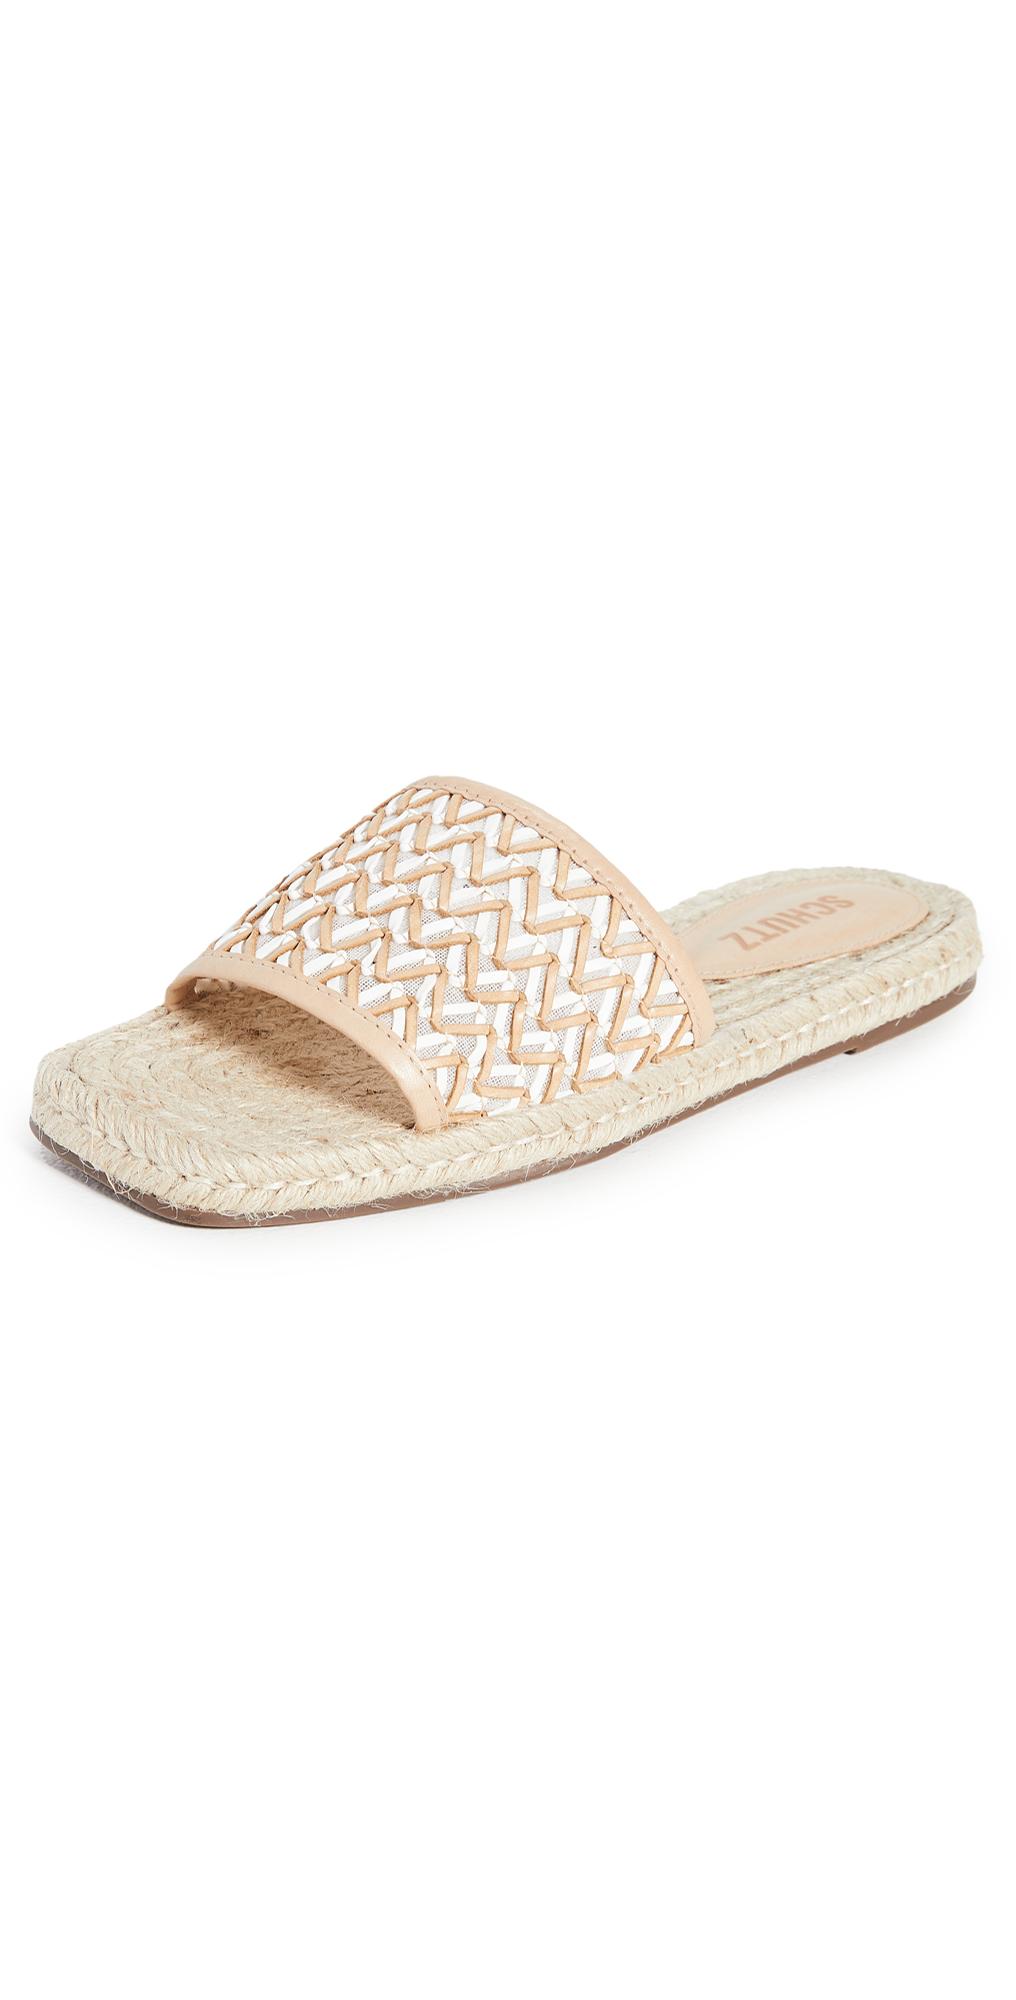 Schutz Bally Sandals